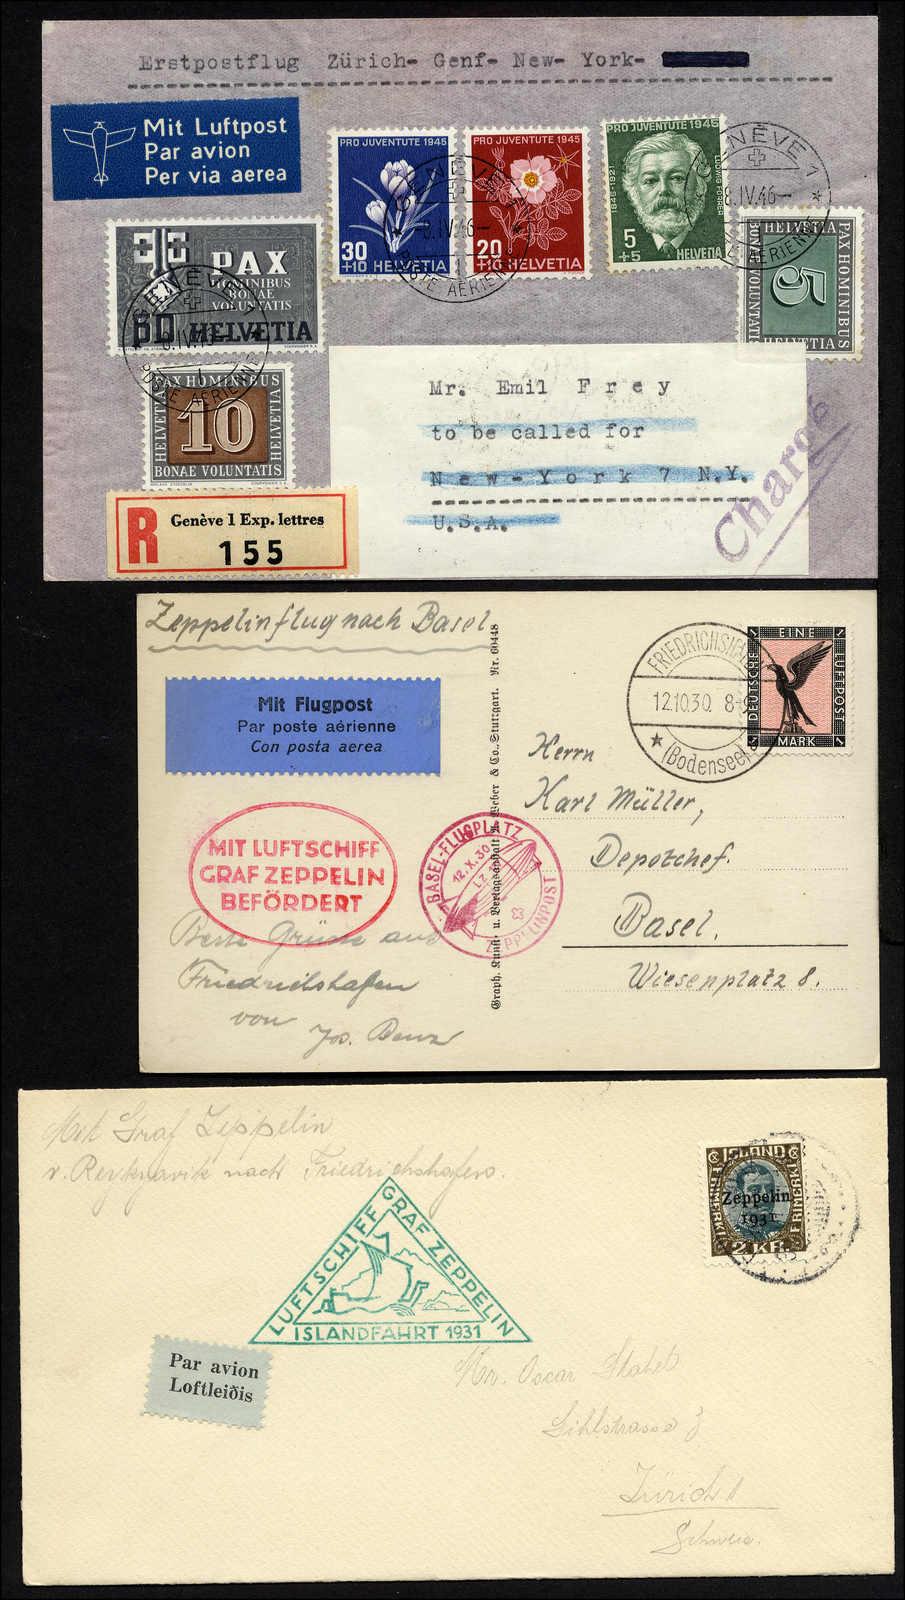 Lot 186 - schweiz schweiz -  Rolli Auctions Auction #68 Day 1